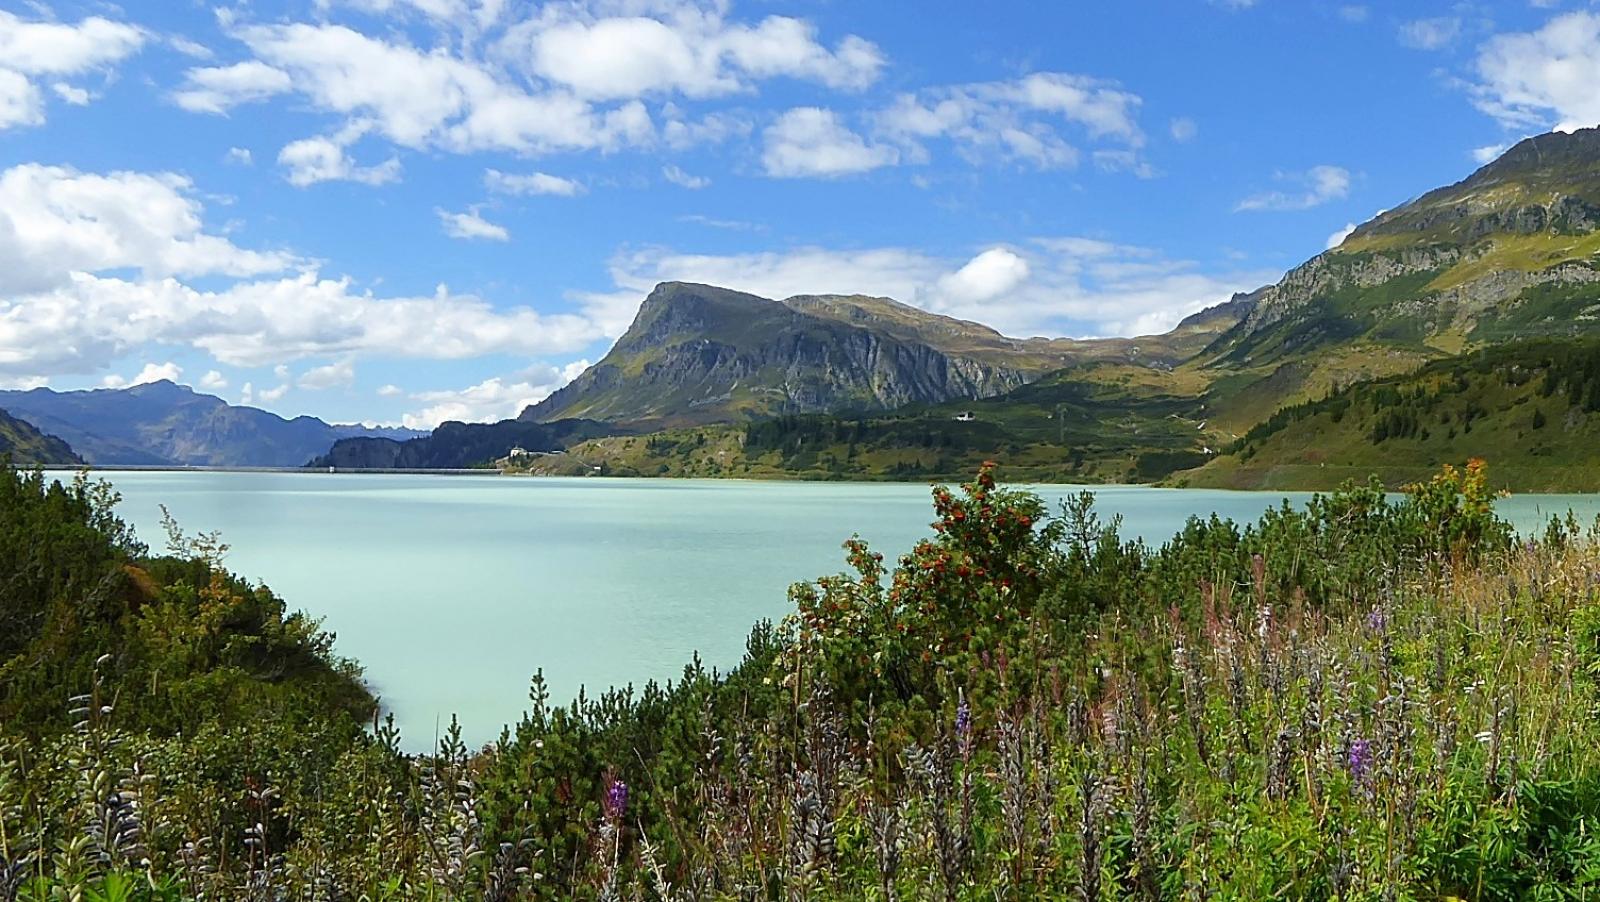 Klik op de afbeelding voor een panoramafoto